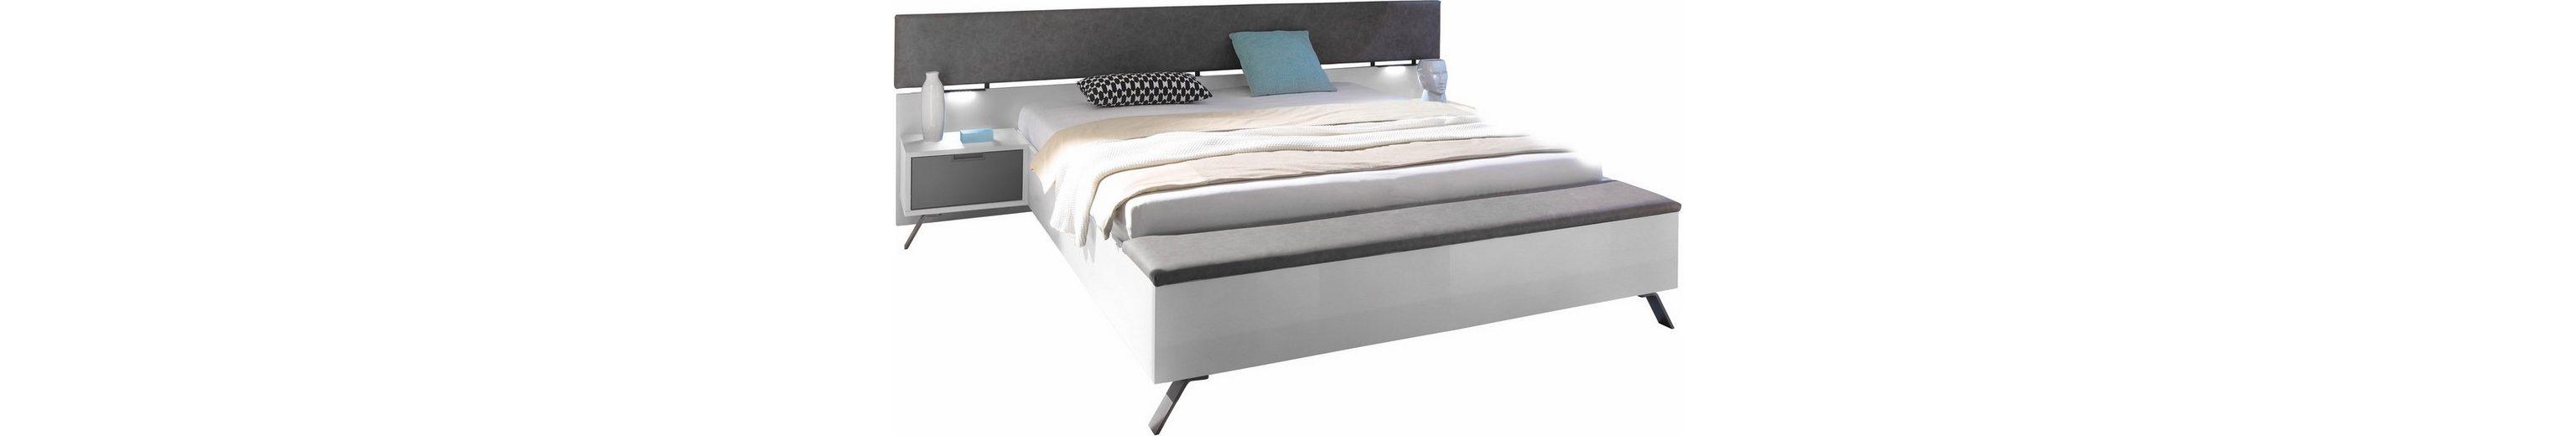 LC Bett mit integrierter Fußbank